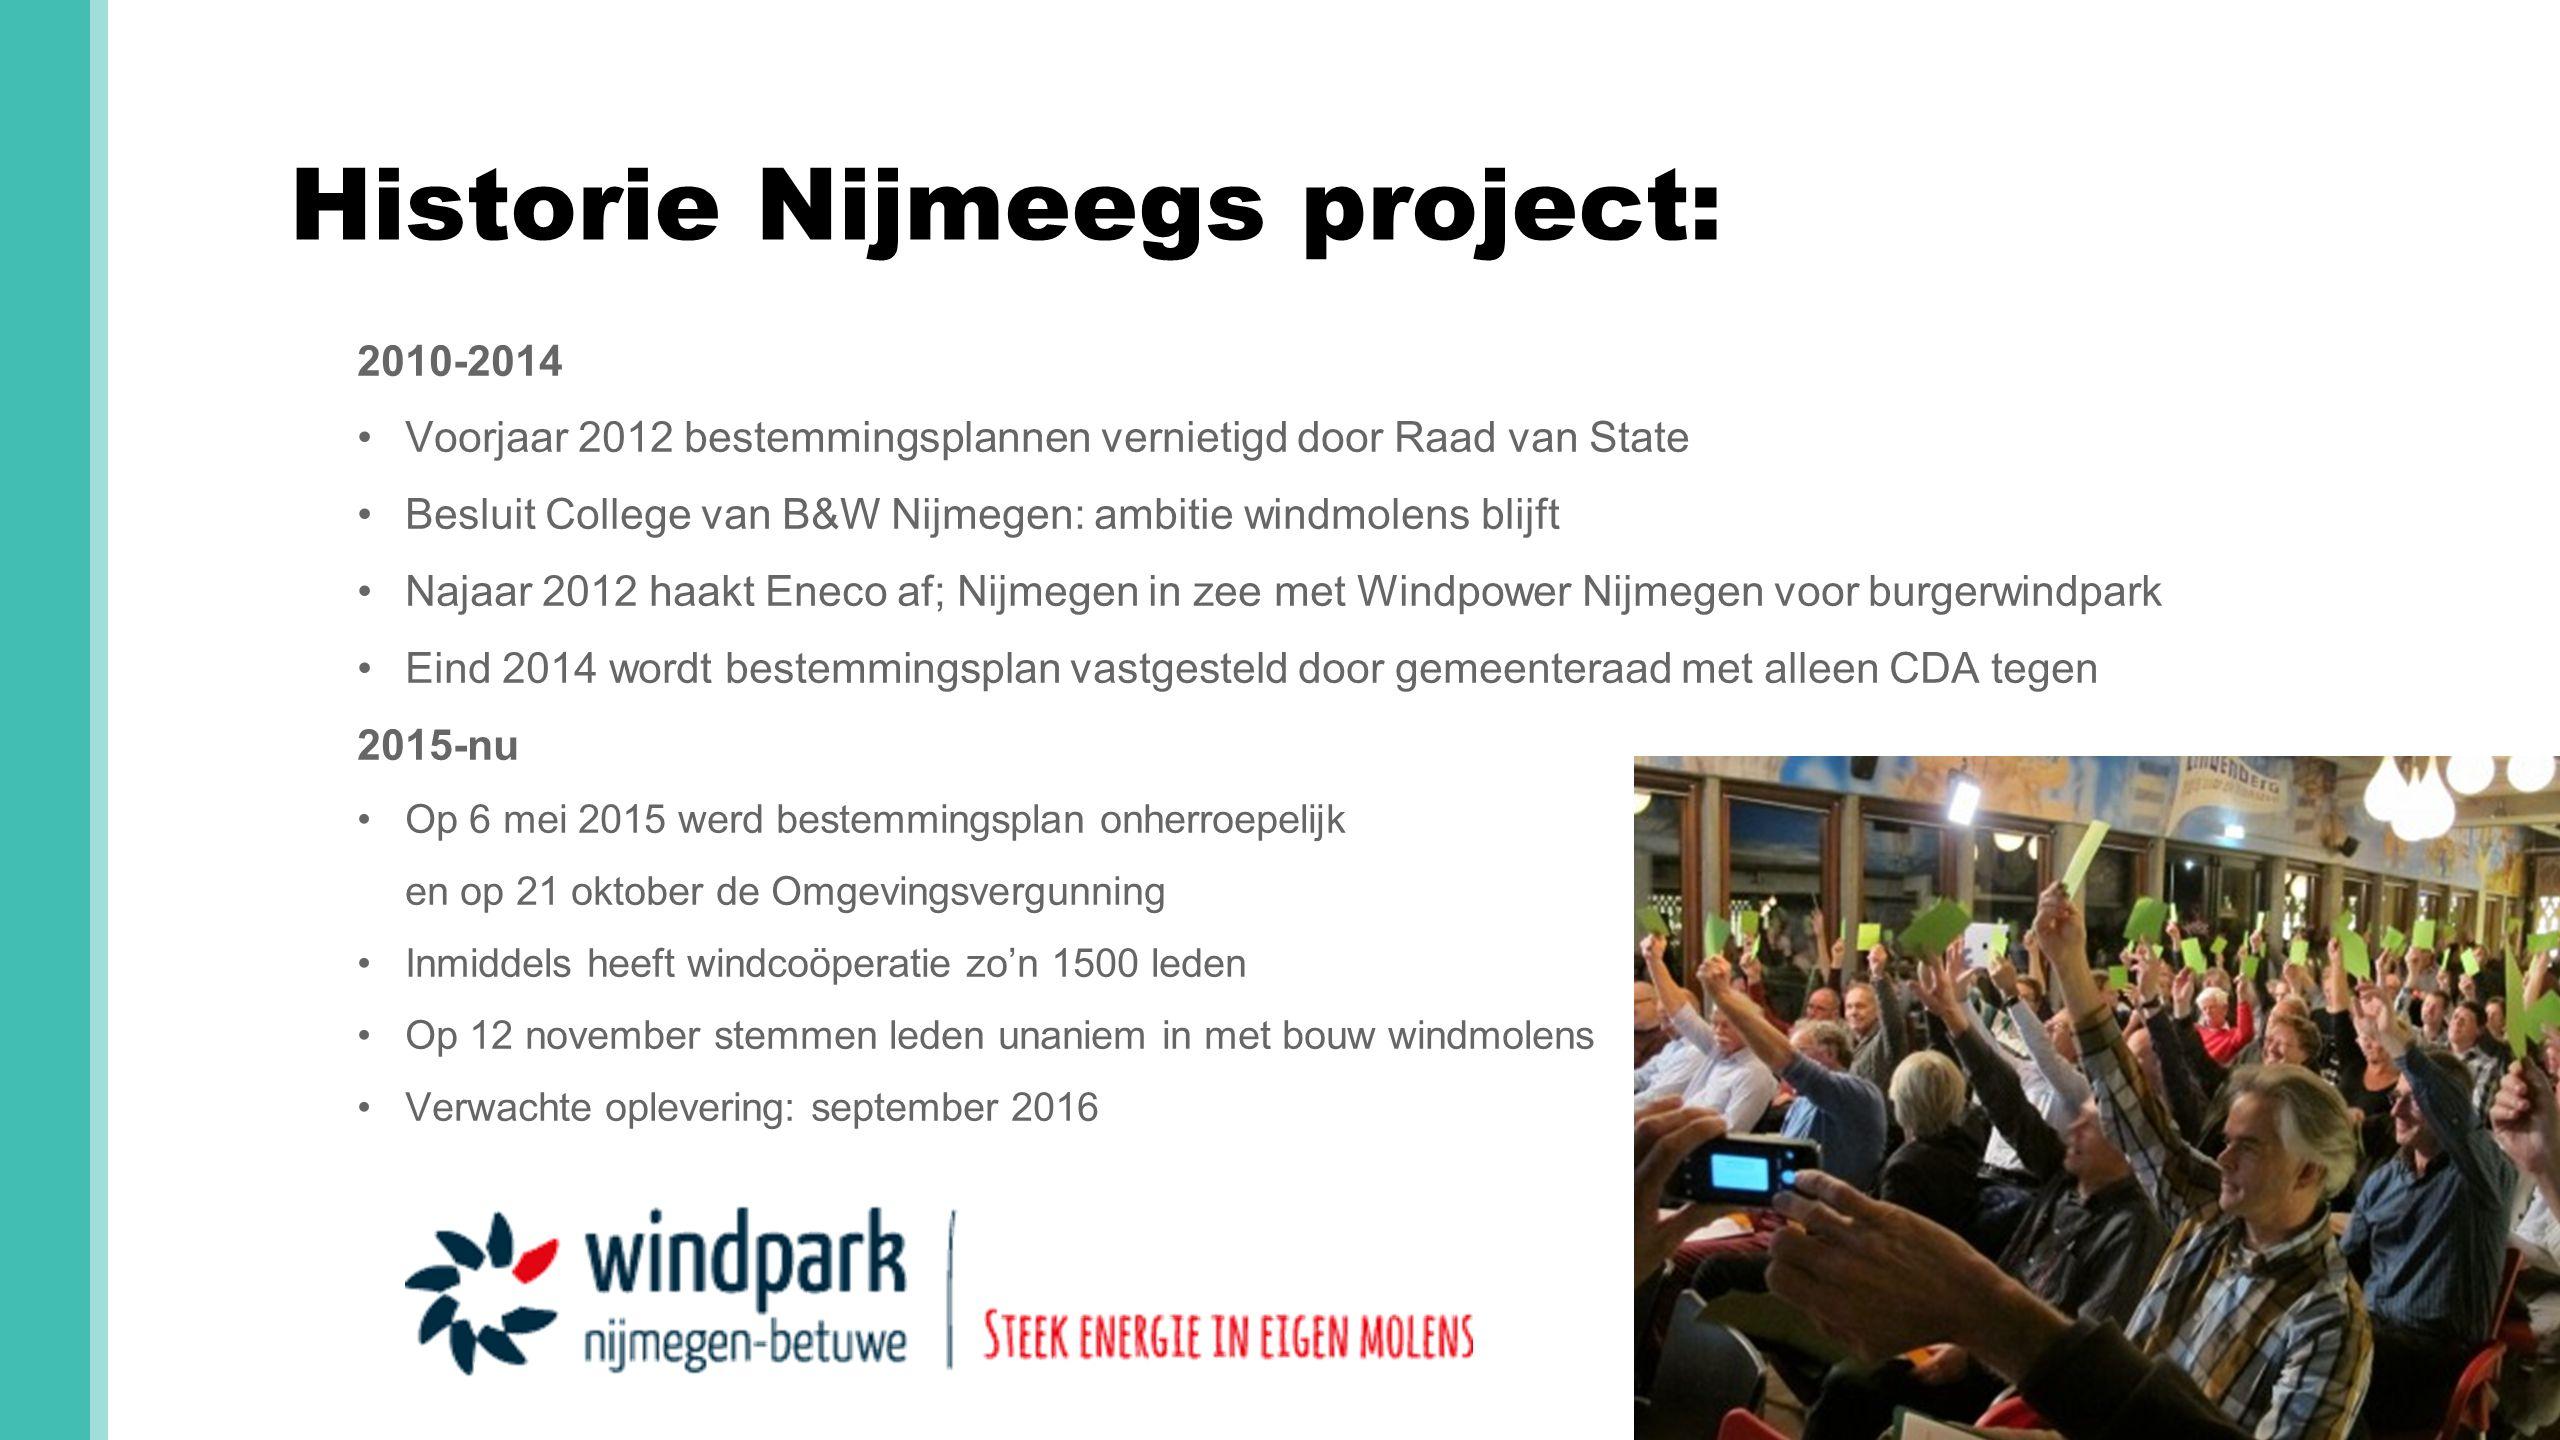 Historie Nijmeegs project: